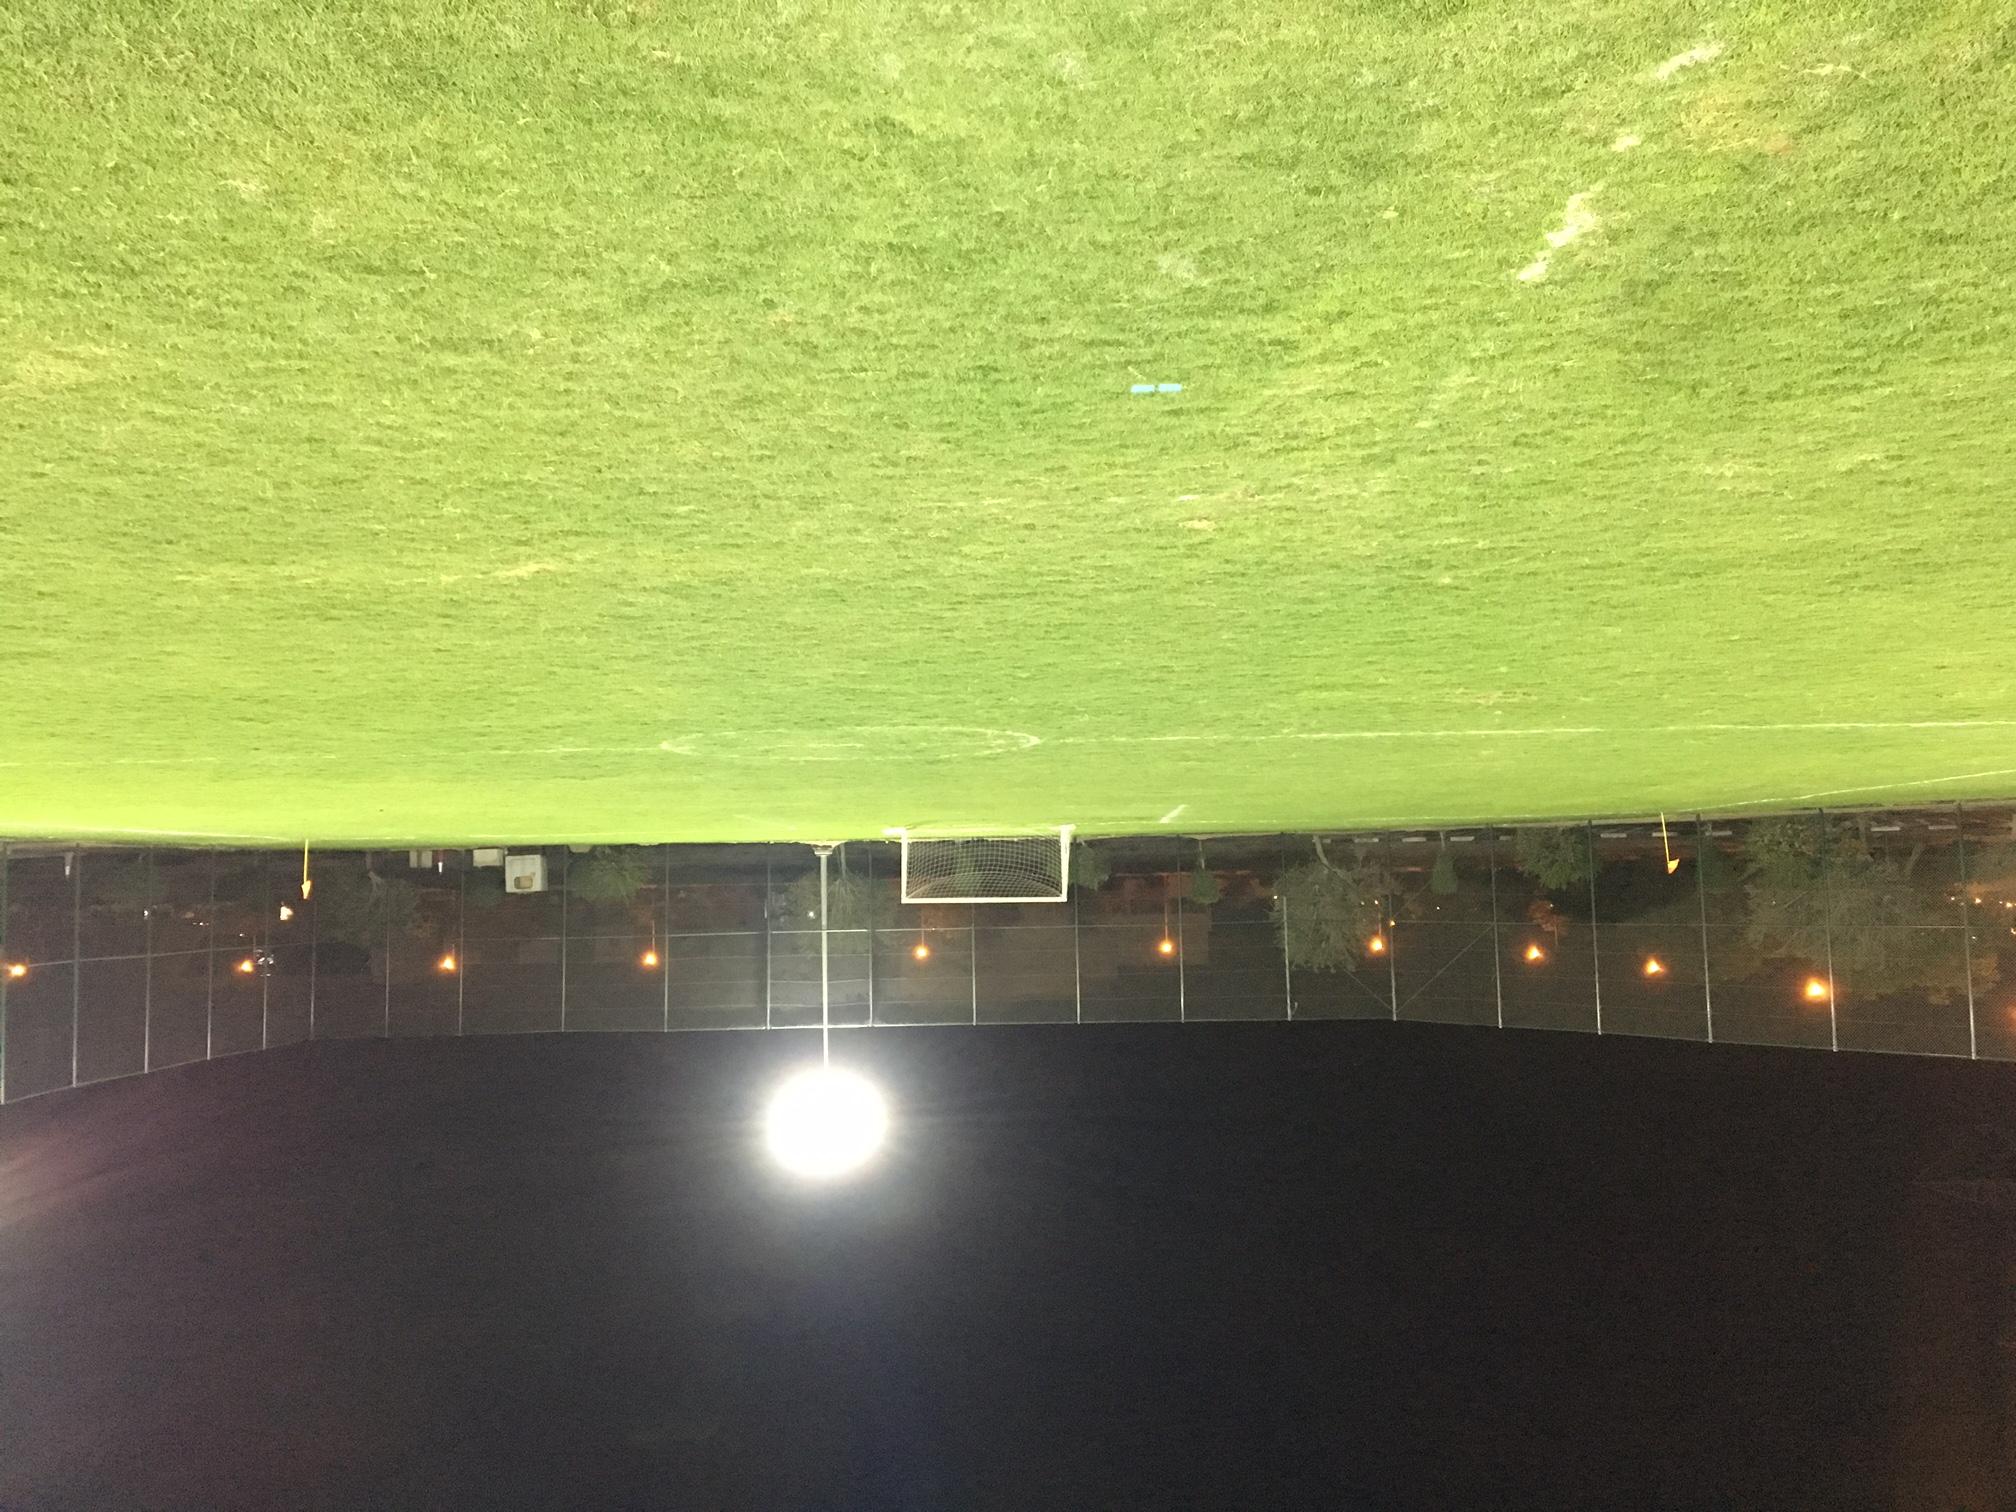 DIP Soccer Field - Night